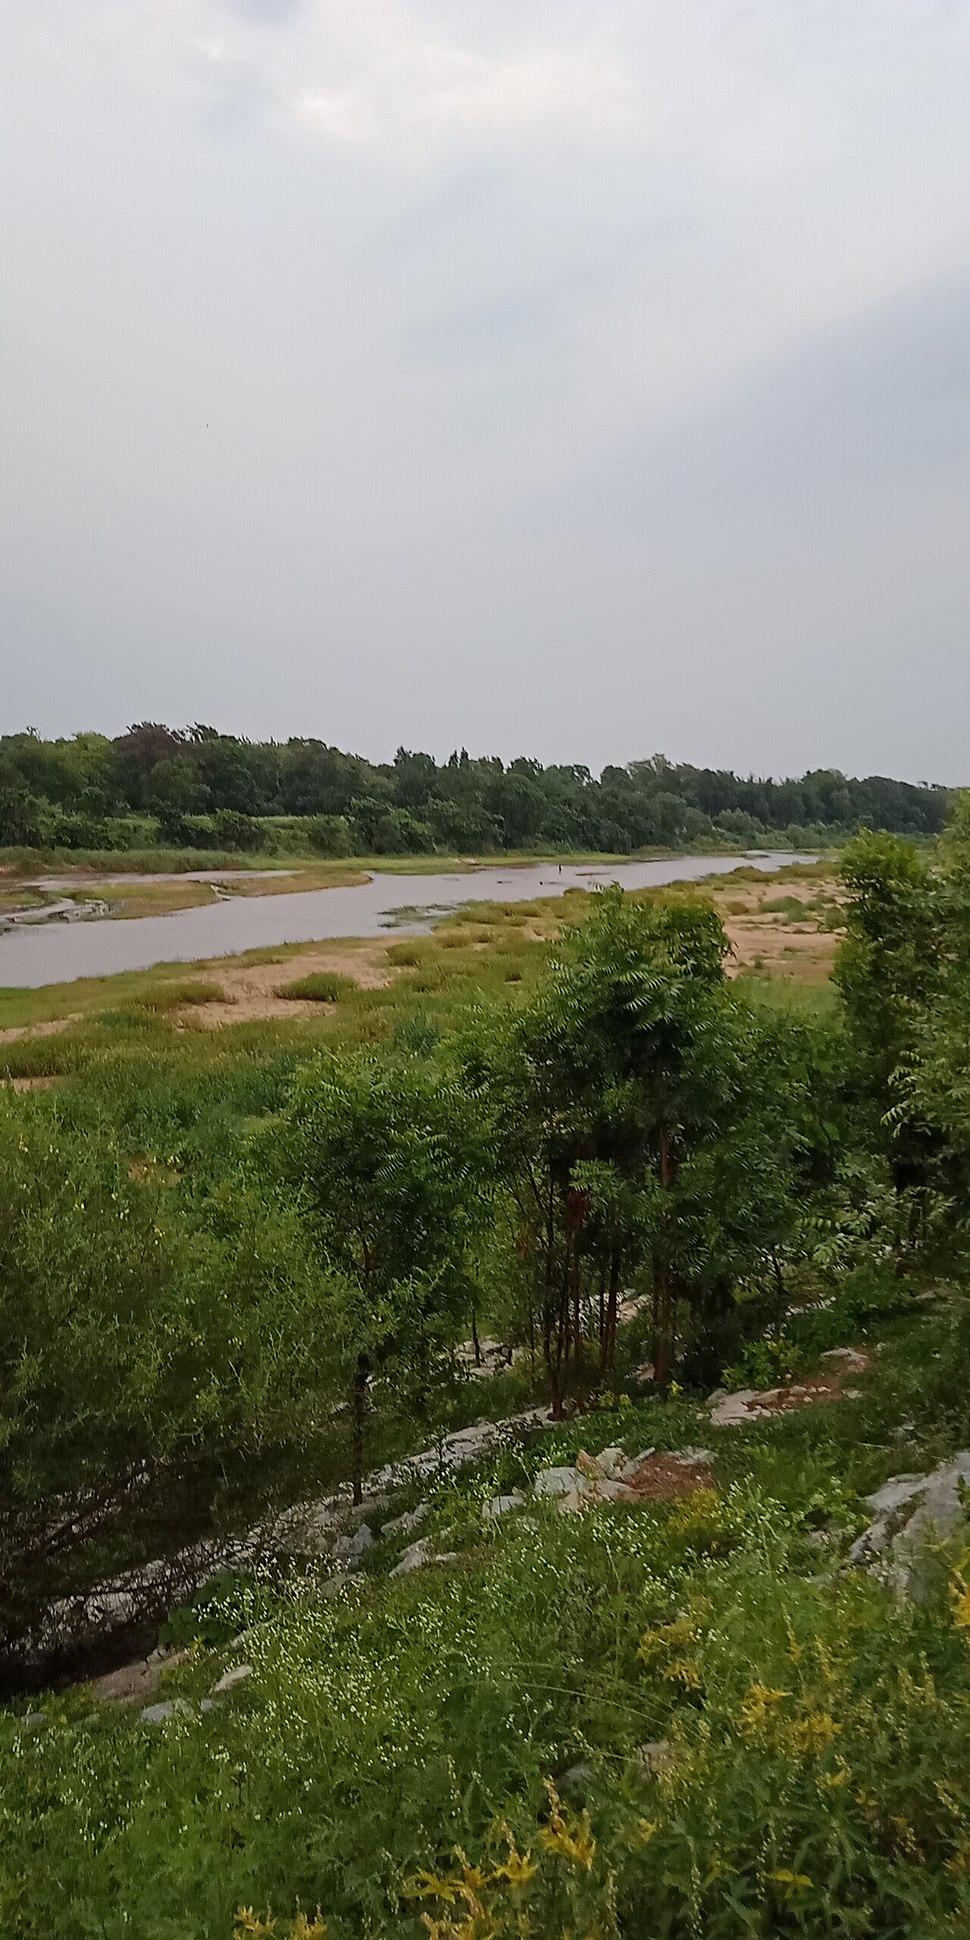 Budhabalanga river